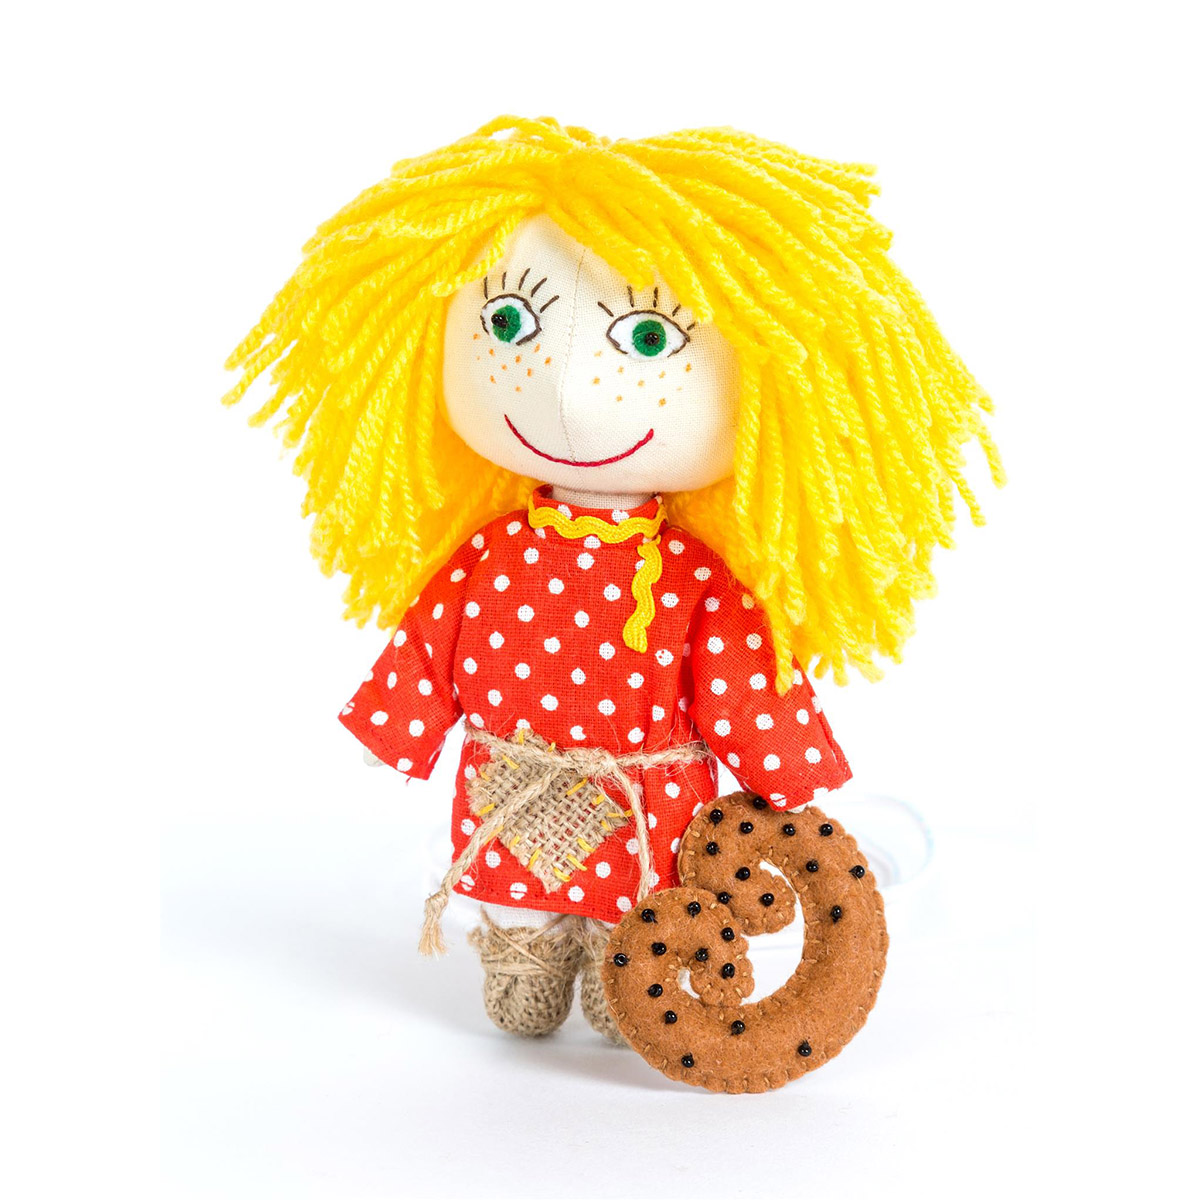 ПЛДК-1451 Набор для создания текстильной игрушки серия Домовёнок и компания 'Домовёнок'